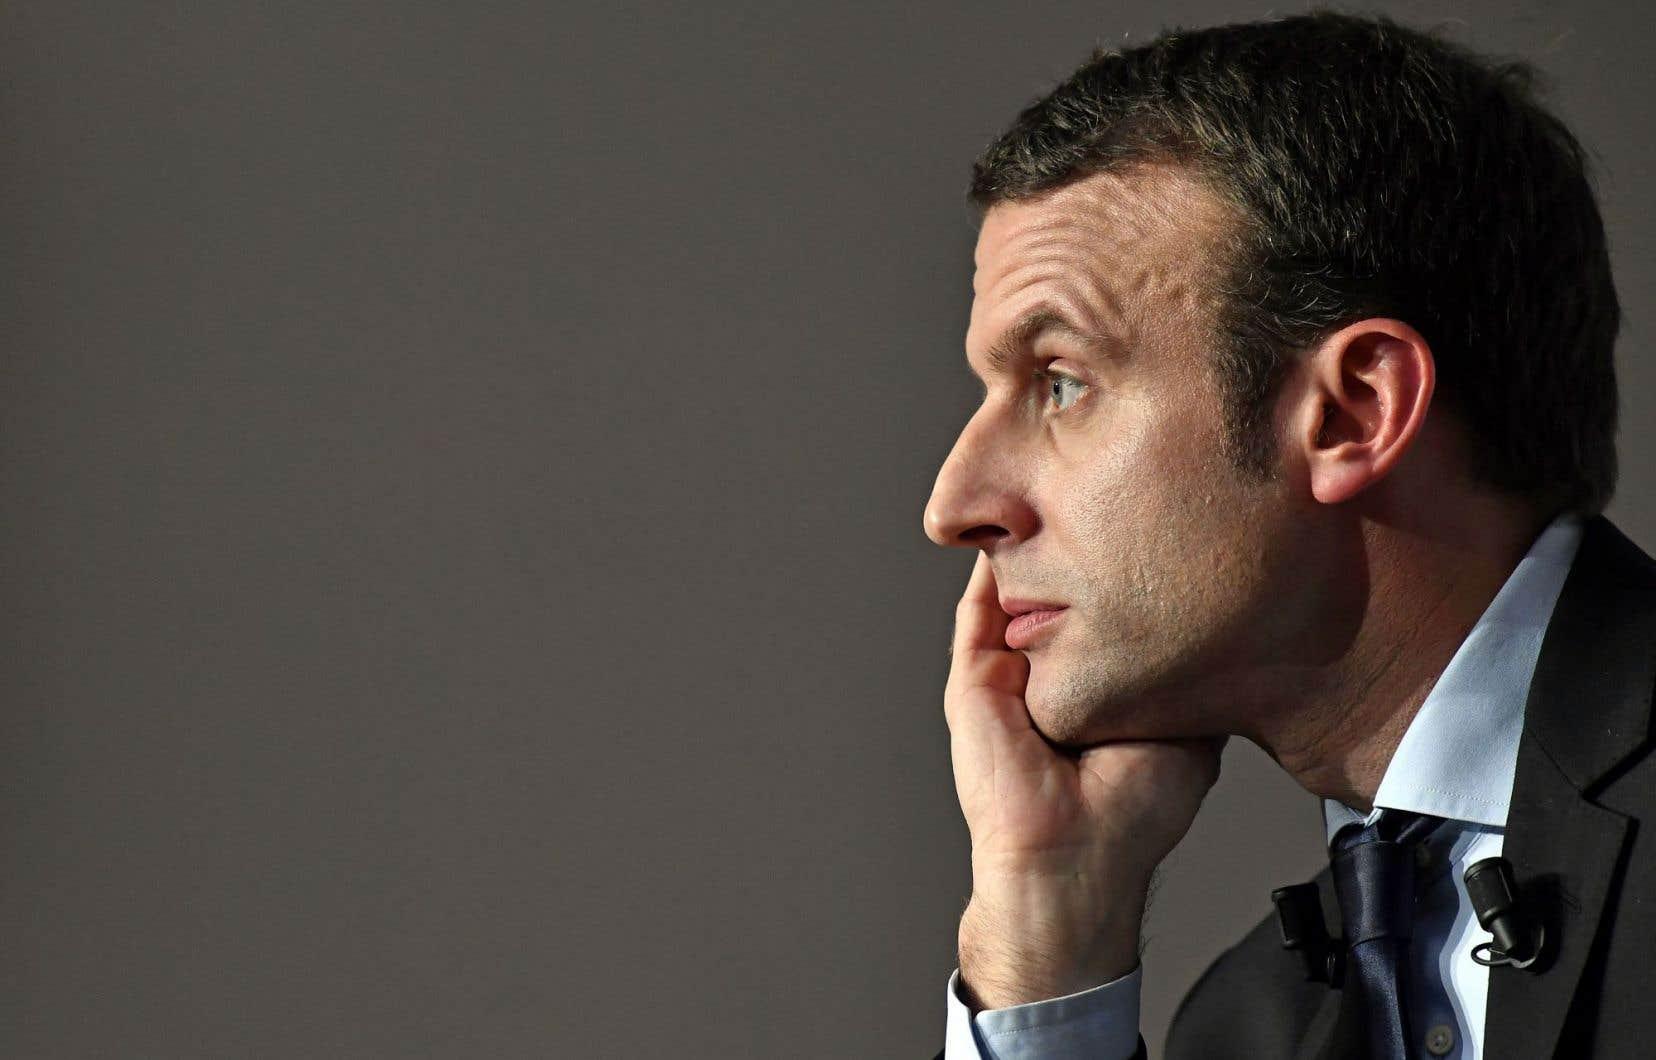 Considéré depuis plusieurs mois comme une créature médiatique, l'ancien banquier devenu conseiller de François Hollande, Emmanuel Macron, commence à inquiéter aussi bien à gauche qu'à droite.